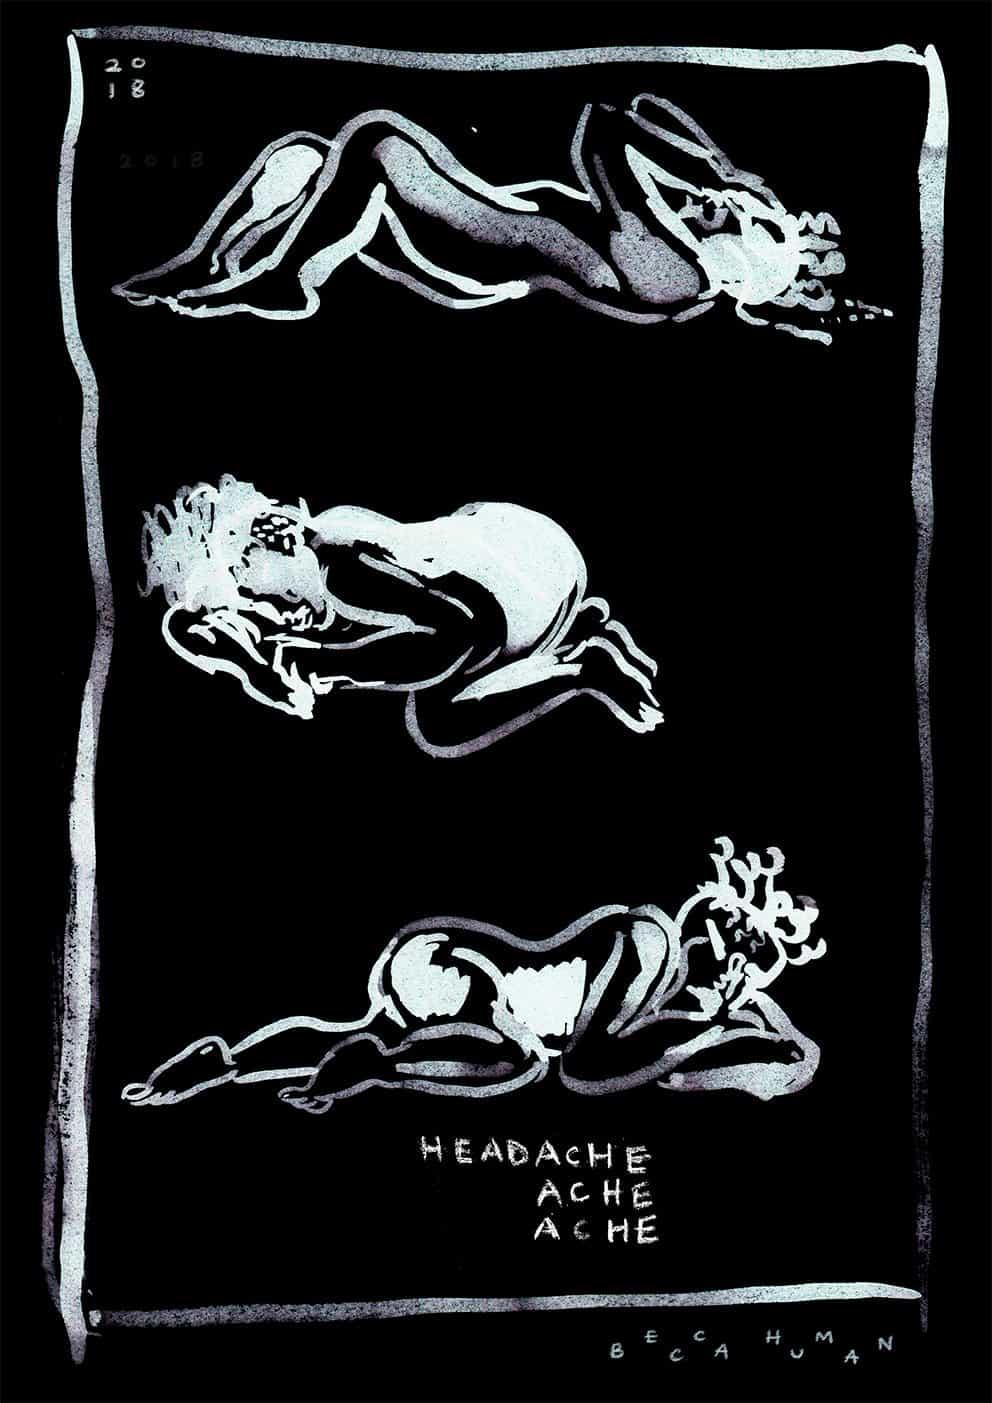 La artista Becca Human utiliza la ilustración y la pintura para inspirar su realización cinematográfica